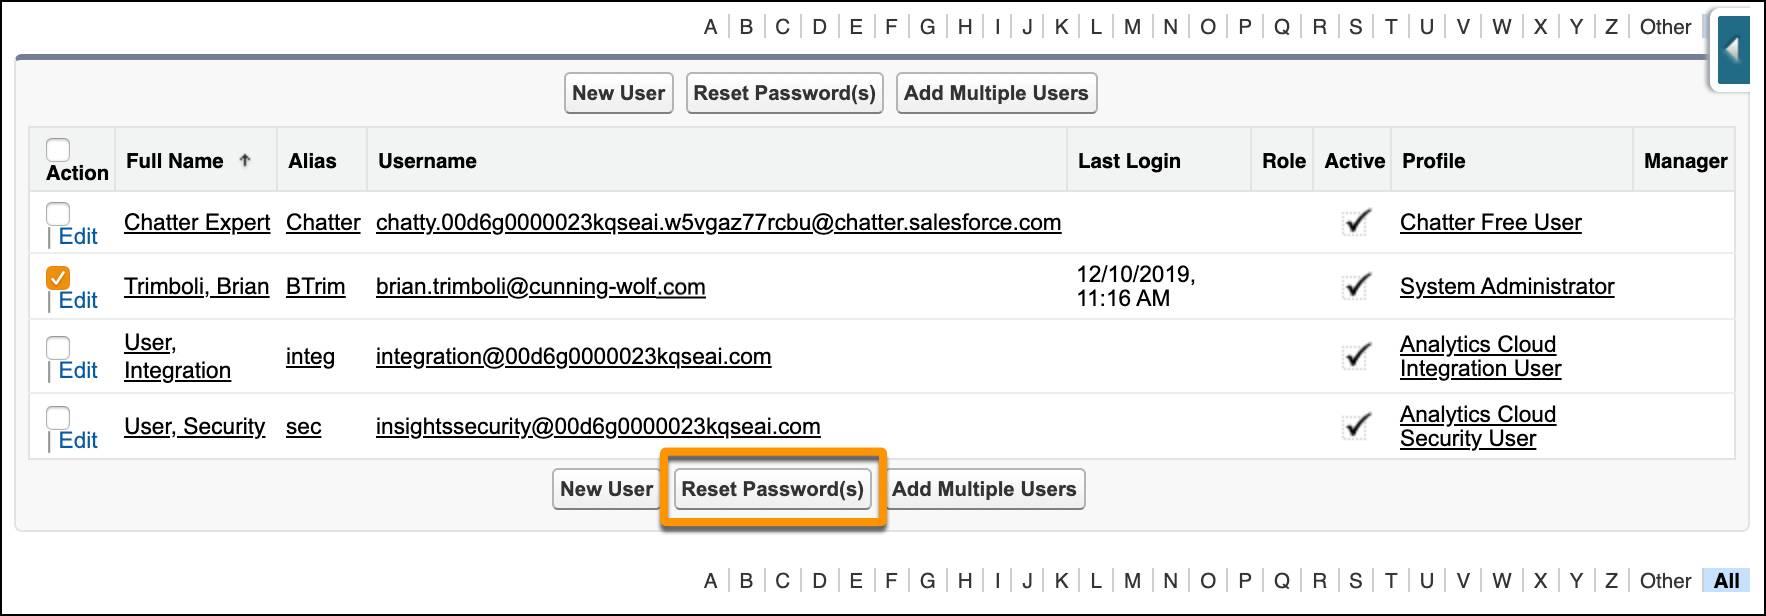 La lista de usuarios en Configuración una llamada en el botón Restablecer contraseña.